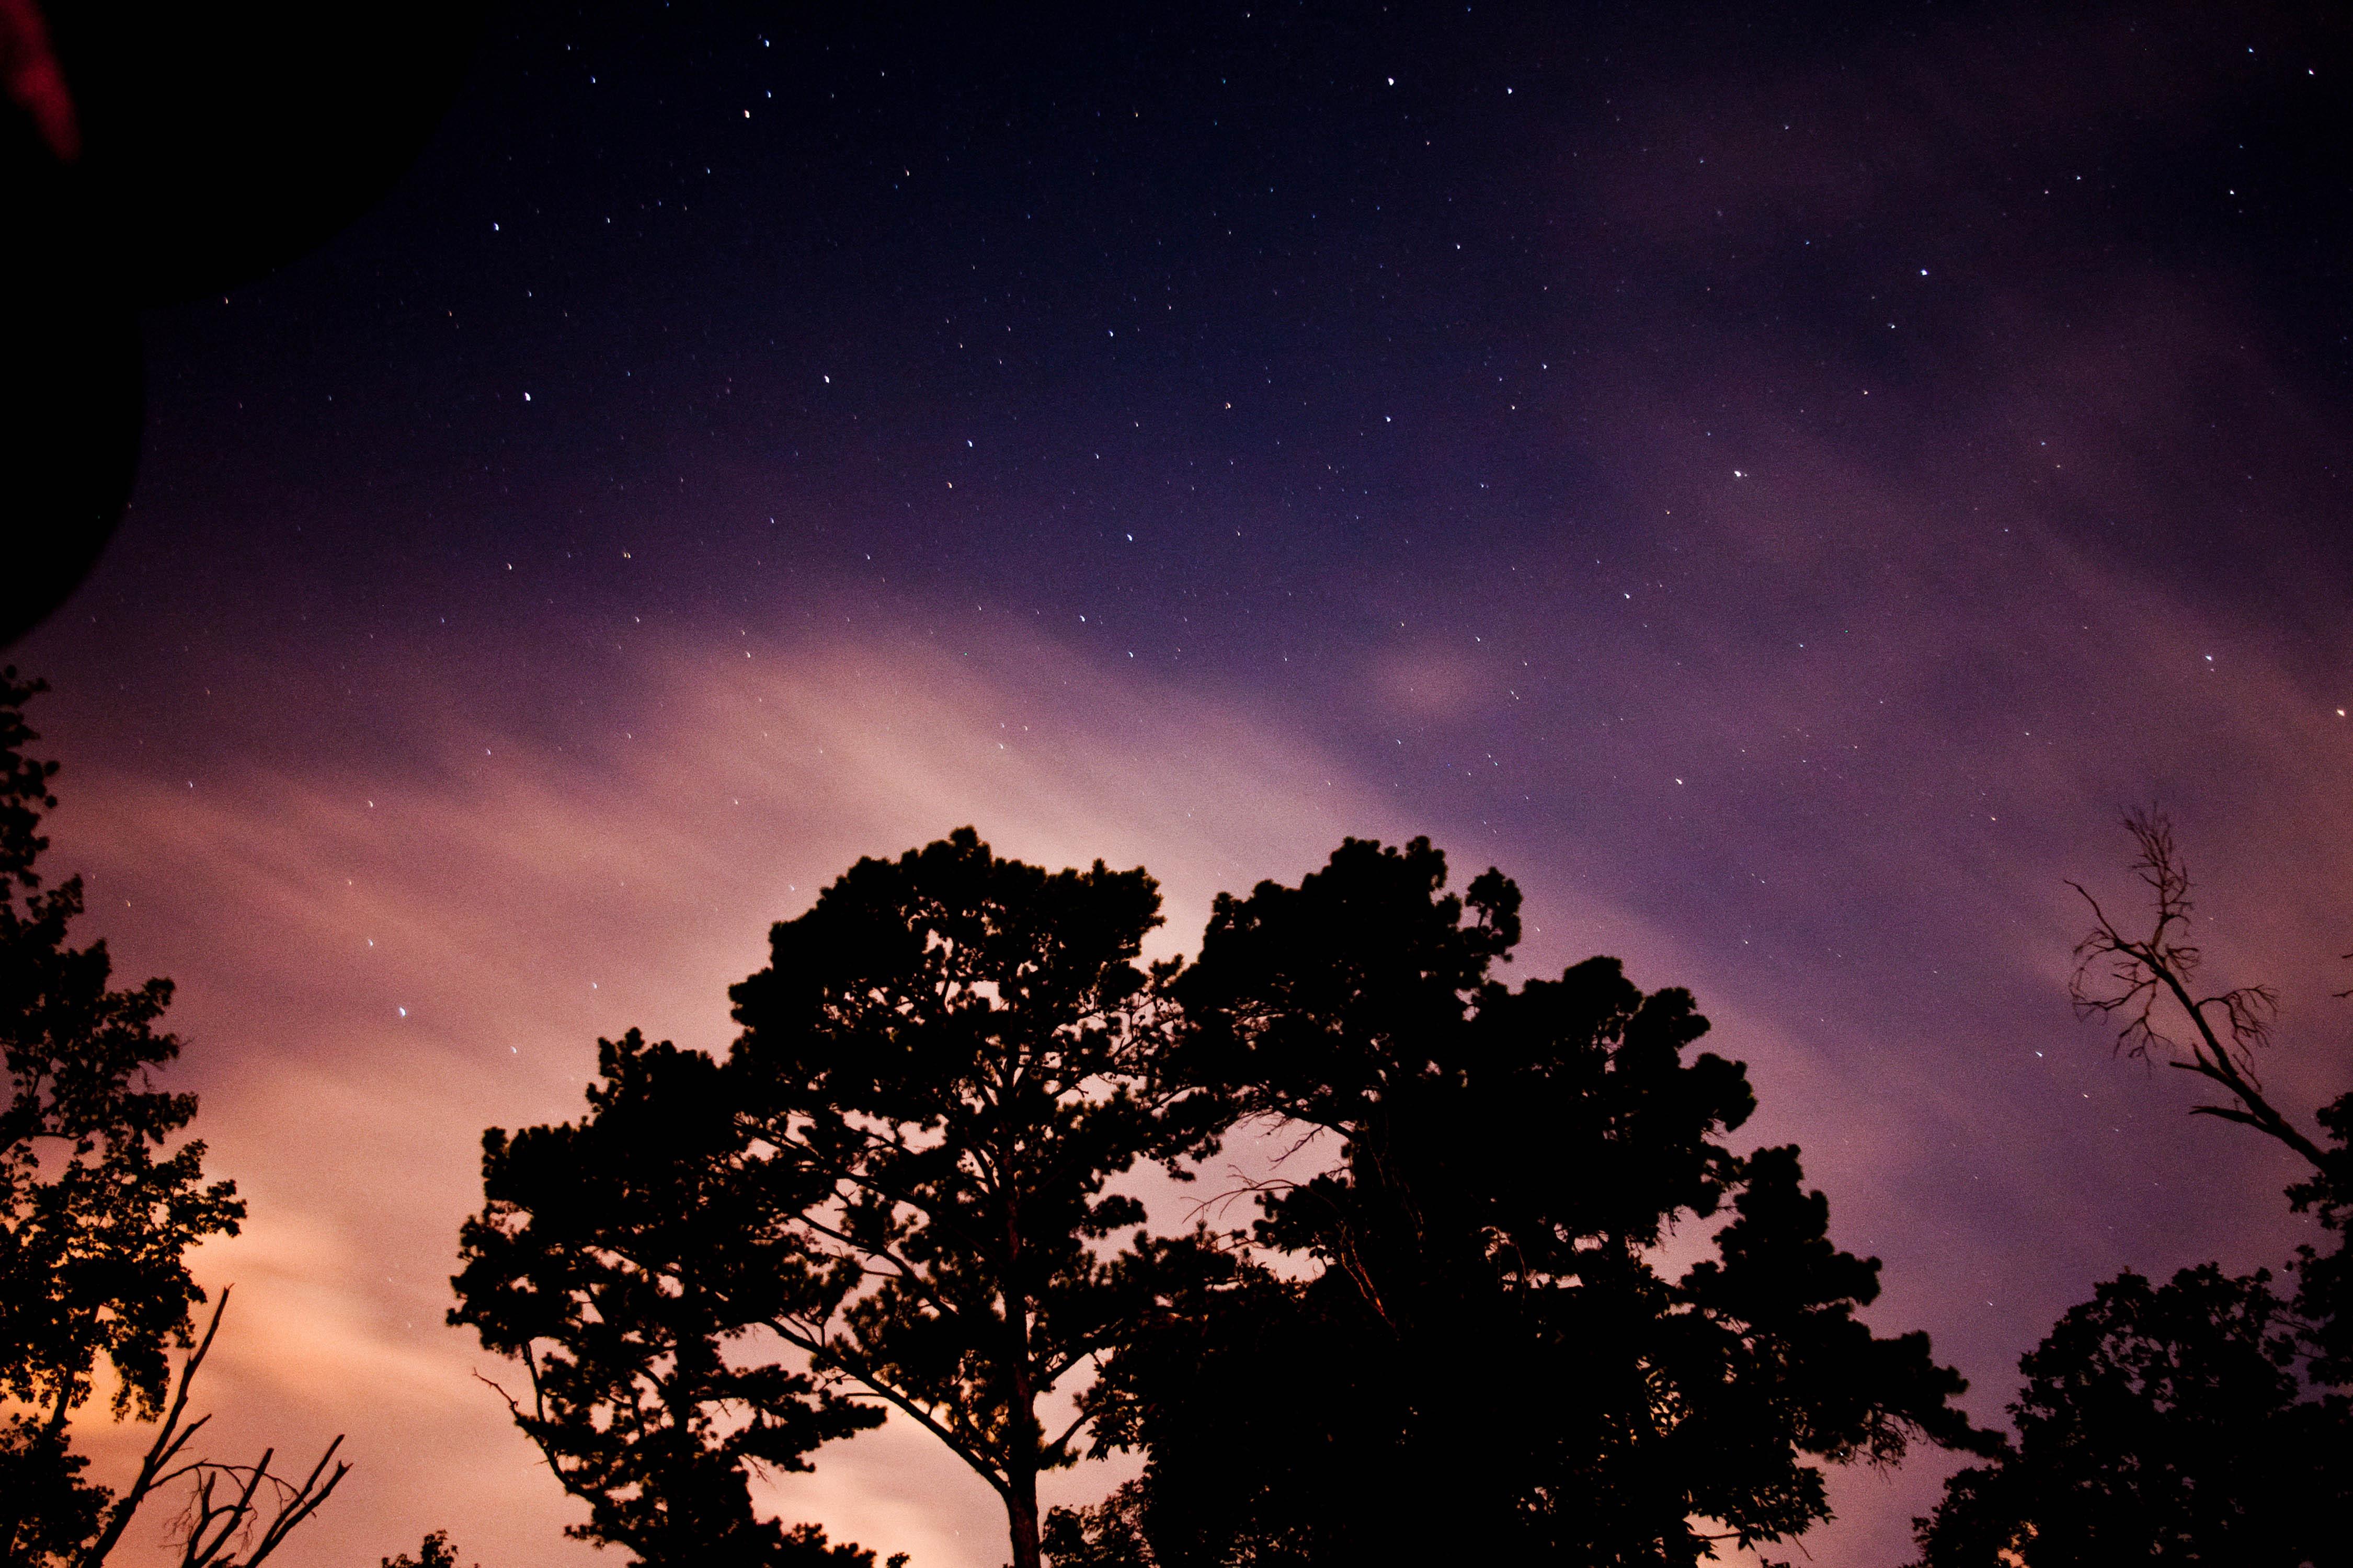 картинки ночное небо и деревья все времена